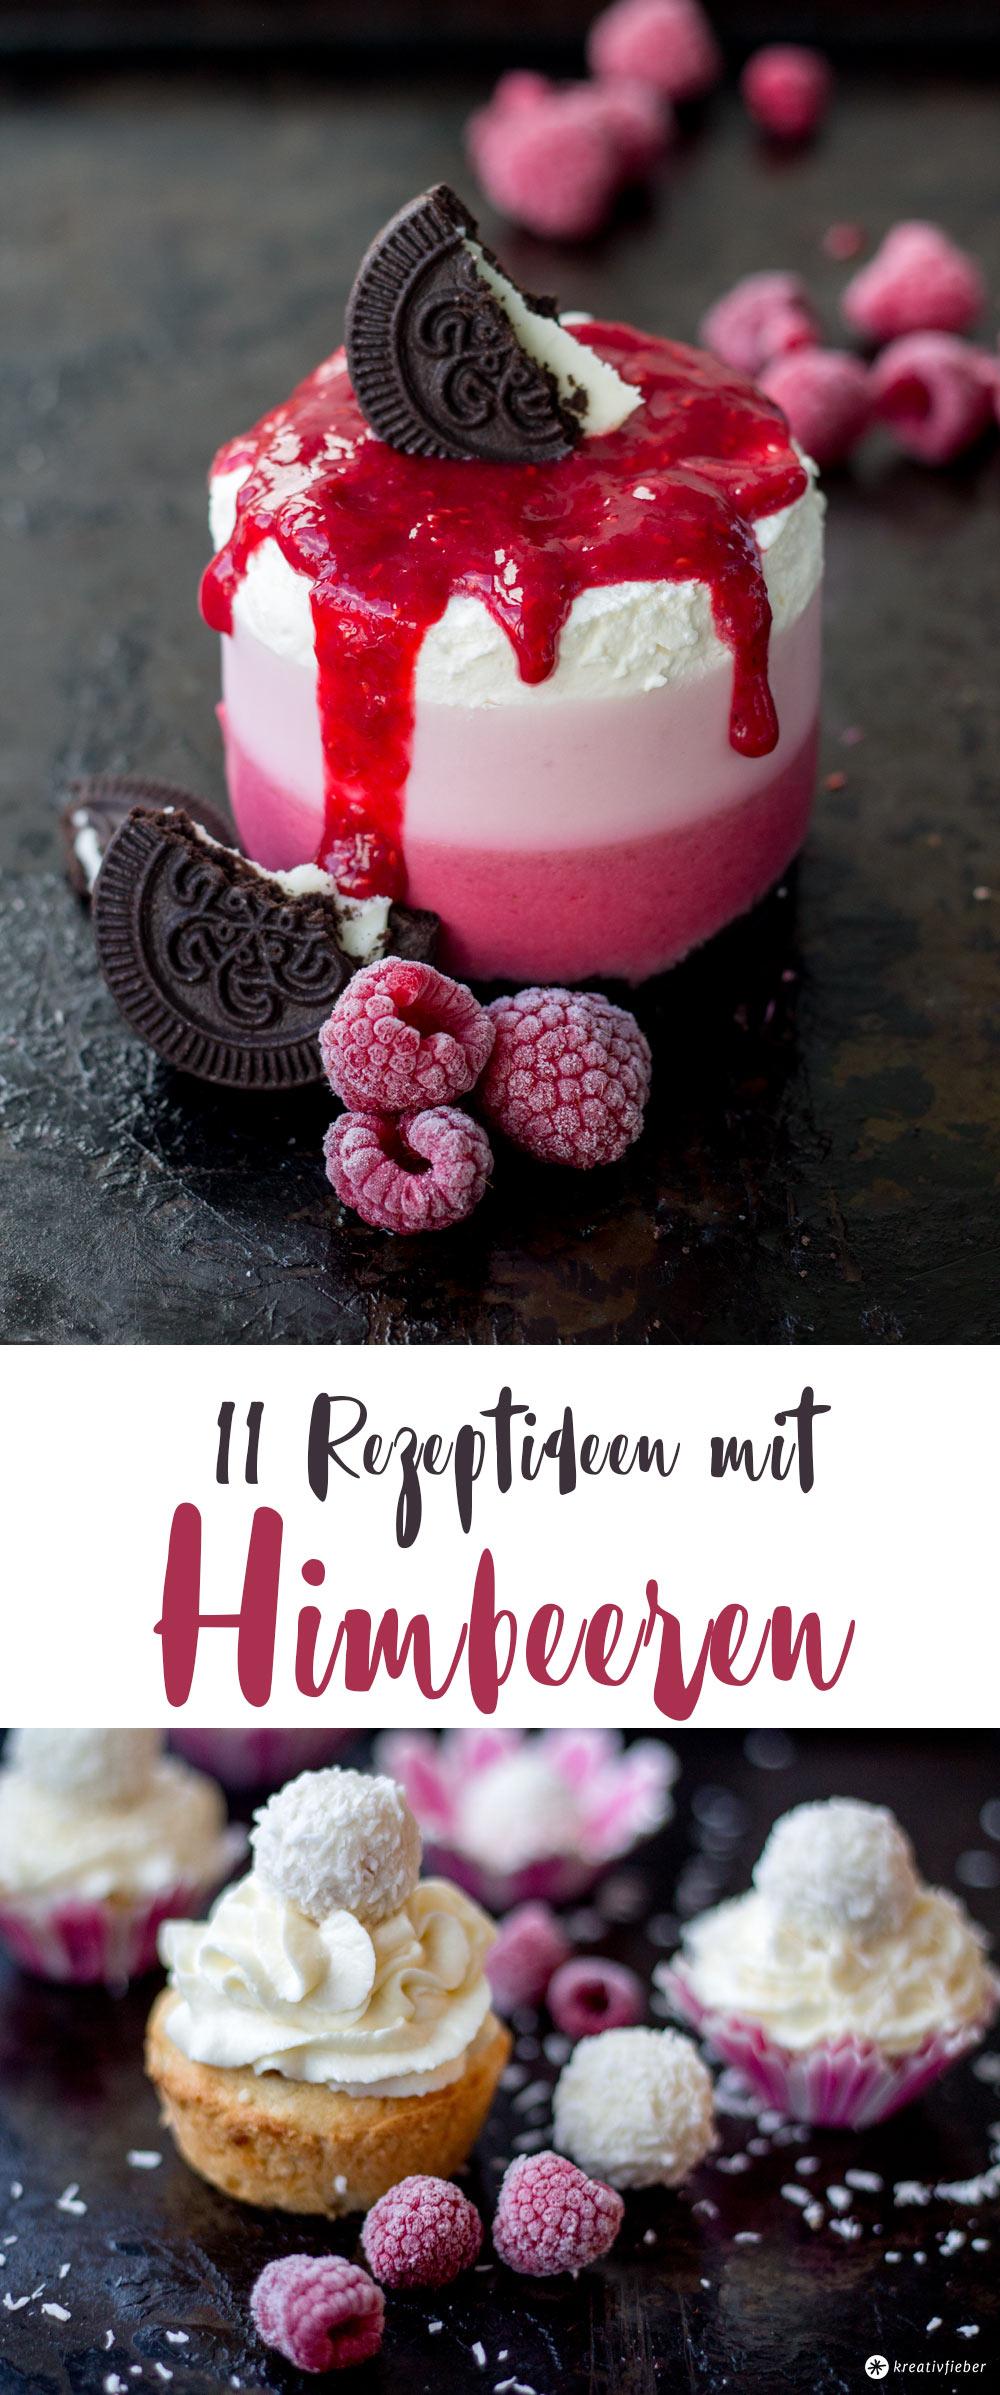 11 Rezeptideen mit Himbeeren - Sommerezepte - Eis, Cupcakes, Kuchen, Desserts und Marmelade